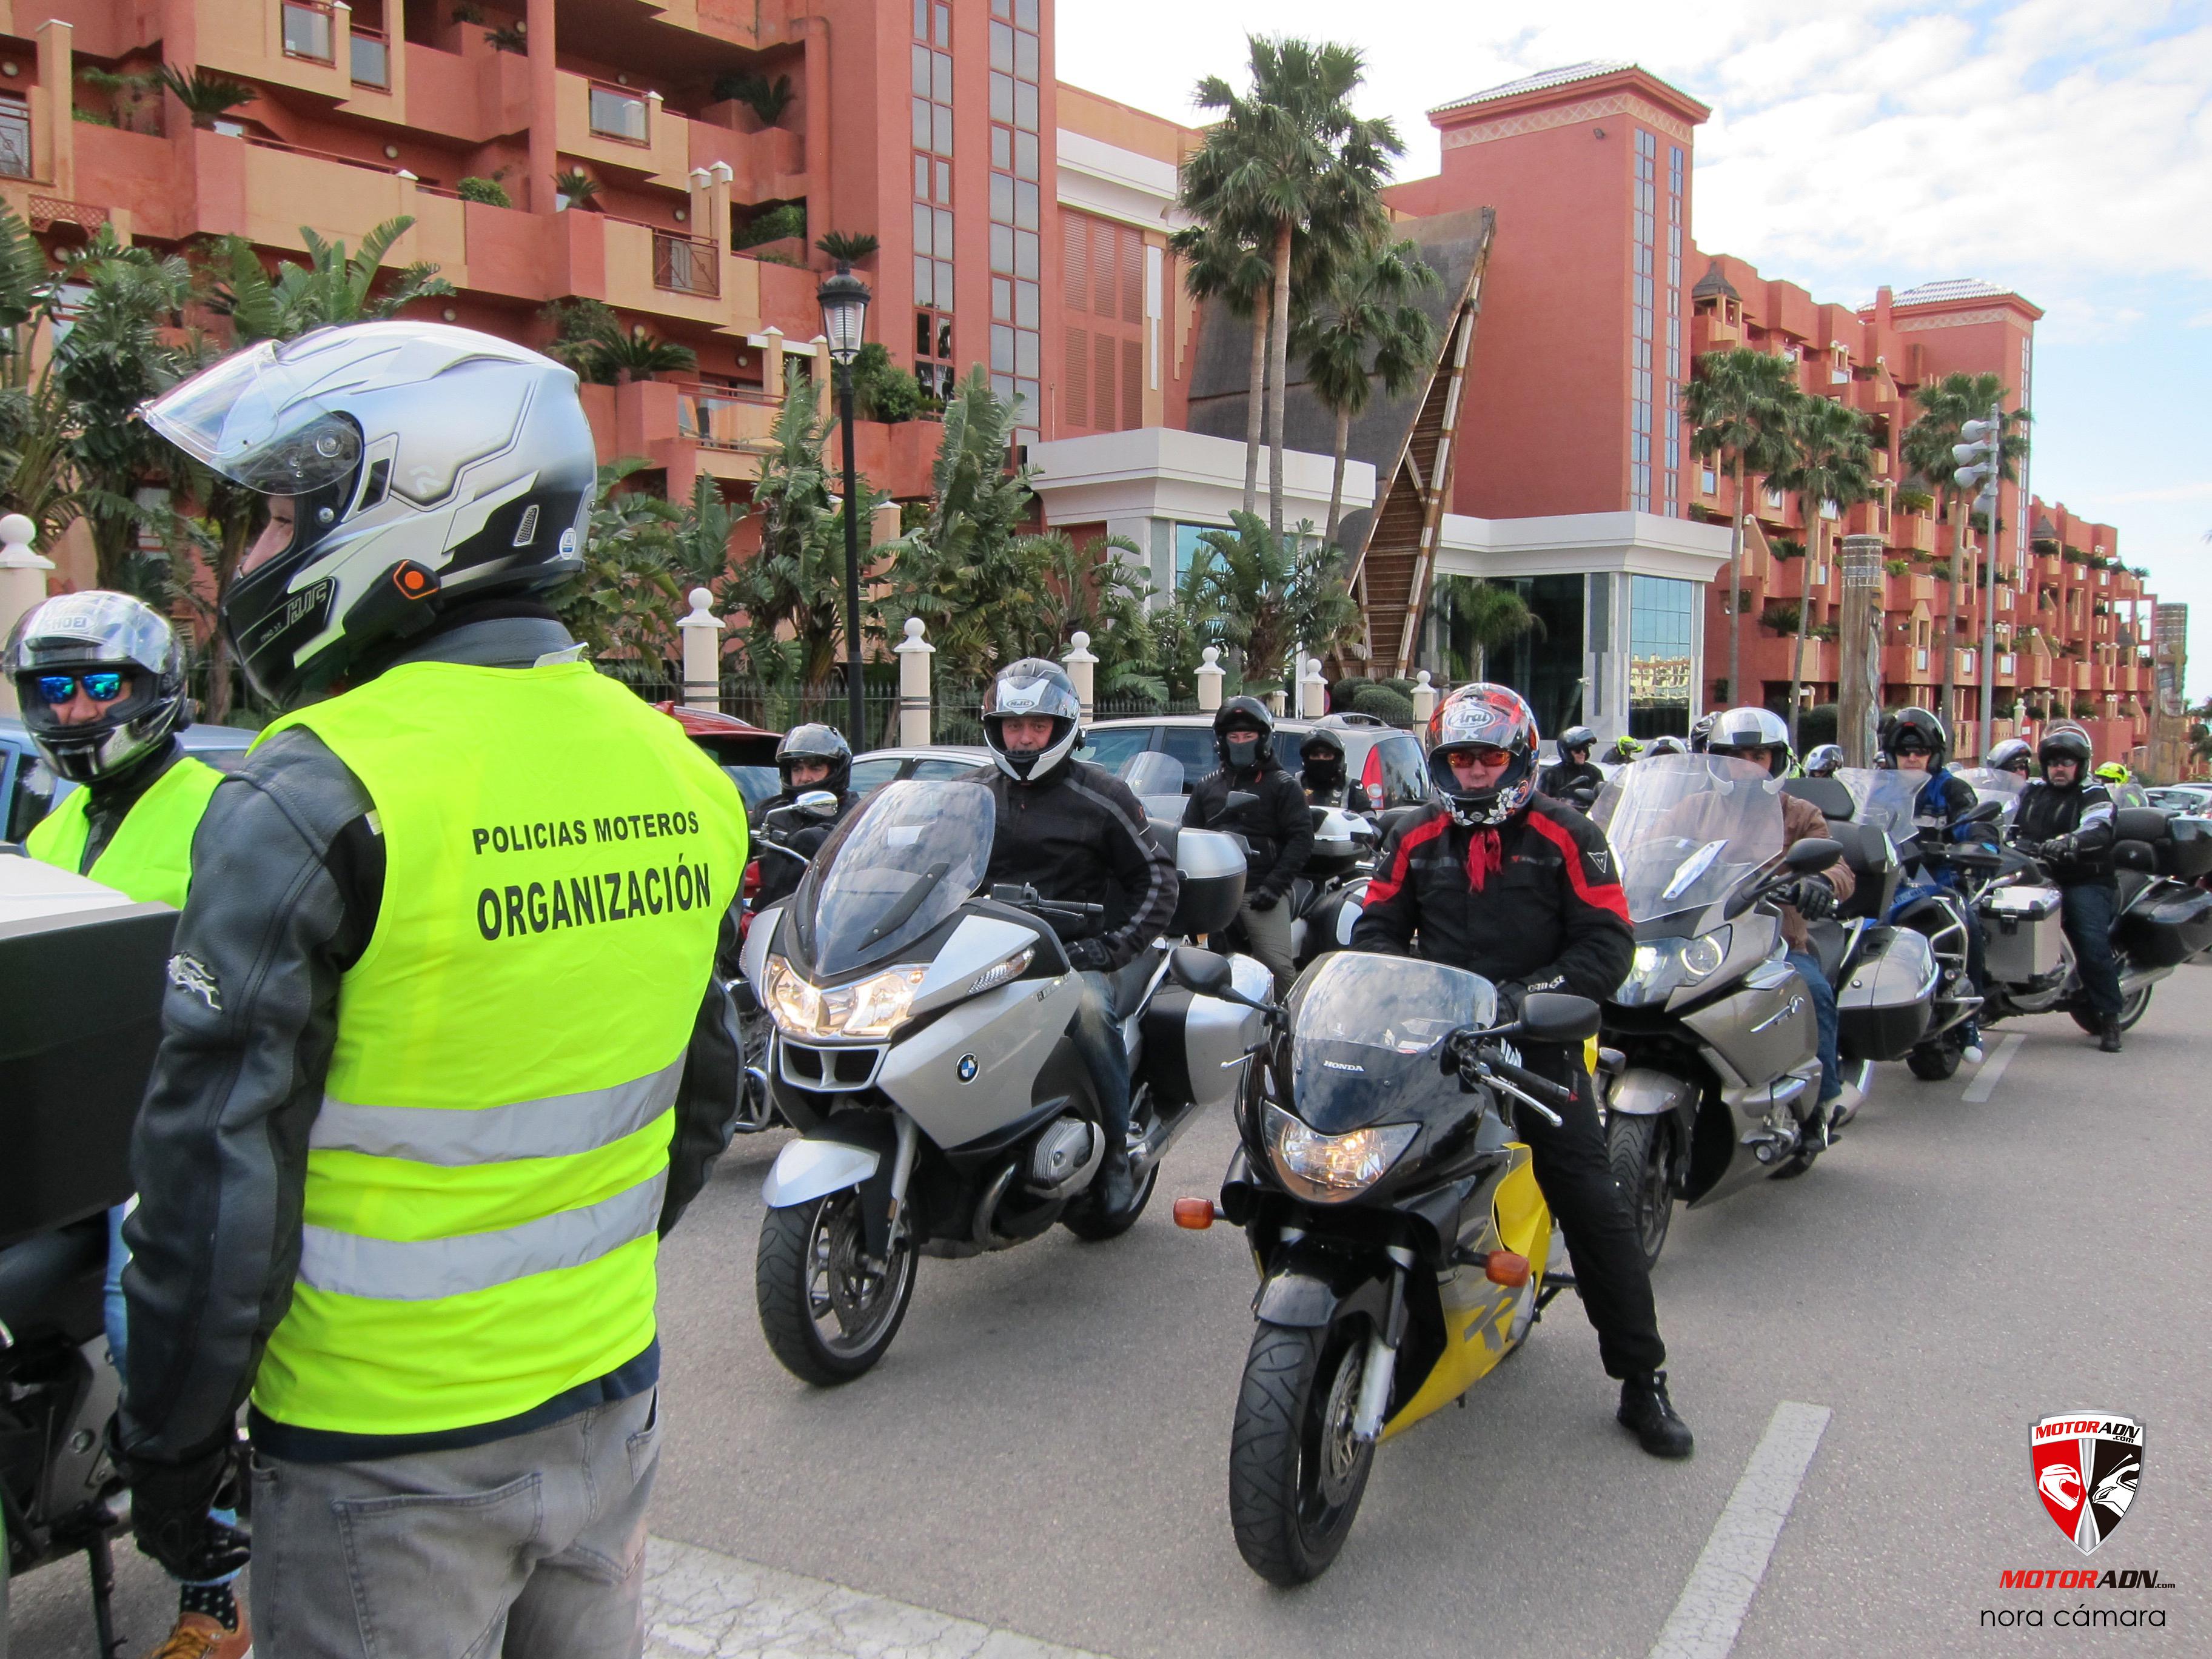 Primera_Reunión_Policías_Moteros_Benalmadena_motoradn_2018_26